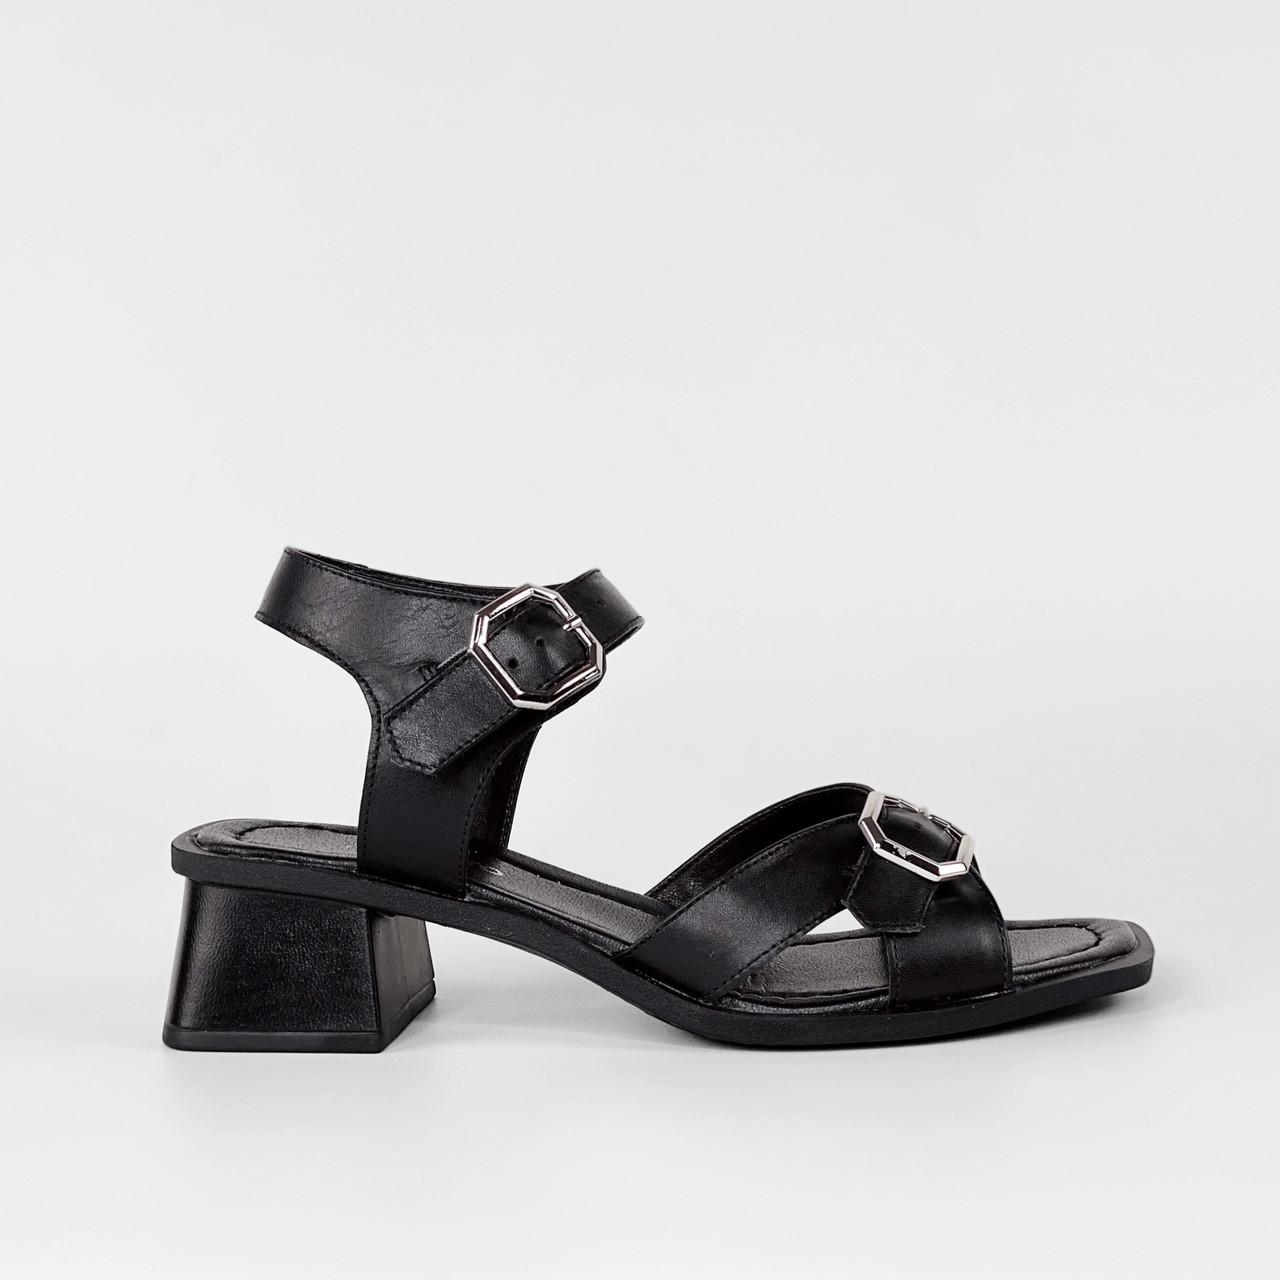 Босоножки женские кожаные чёрные на каблуке с пряжками MORENTO